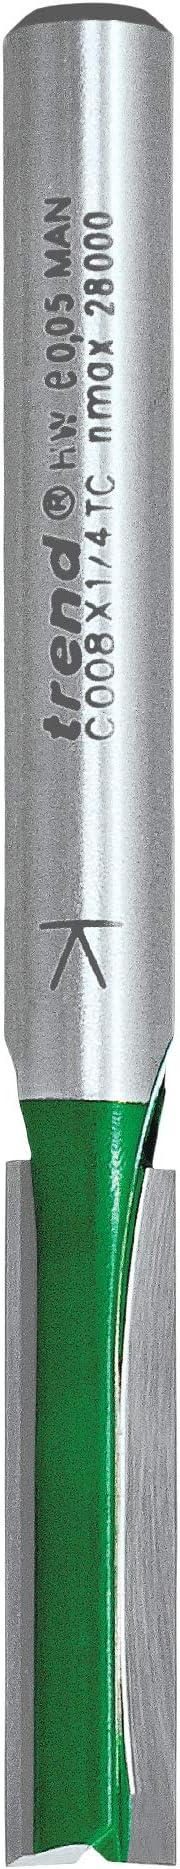 TREND 3//8Lx1//4TC ROUTEUR PROFESSIONNEL Coupeur Deux Flute 12.0 mm Dia x 19.0 mm Cut